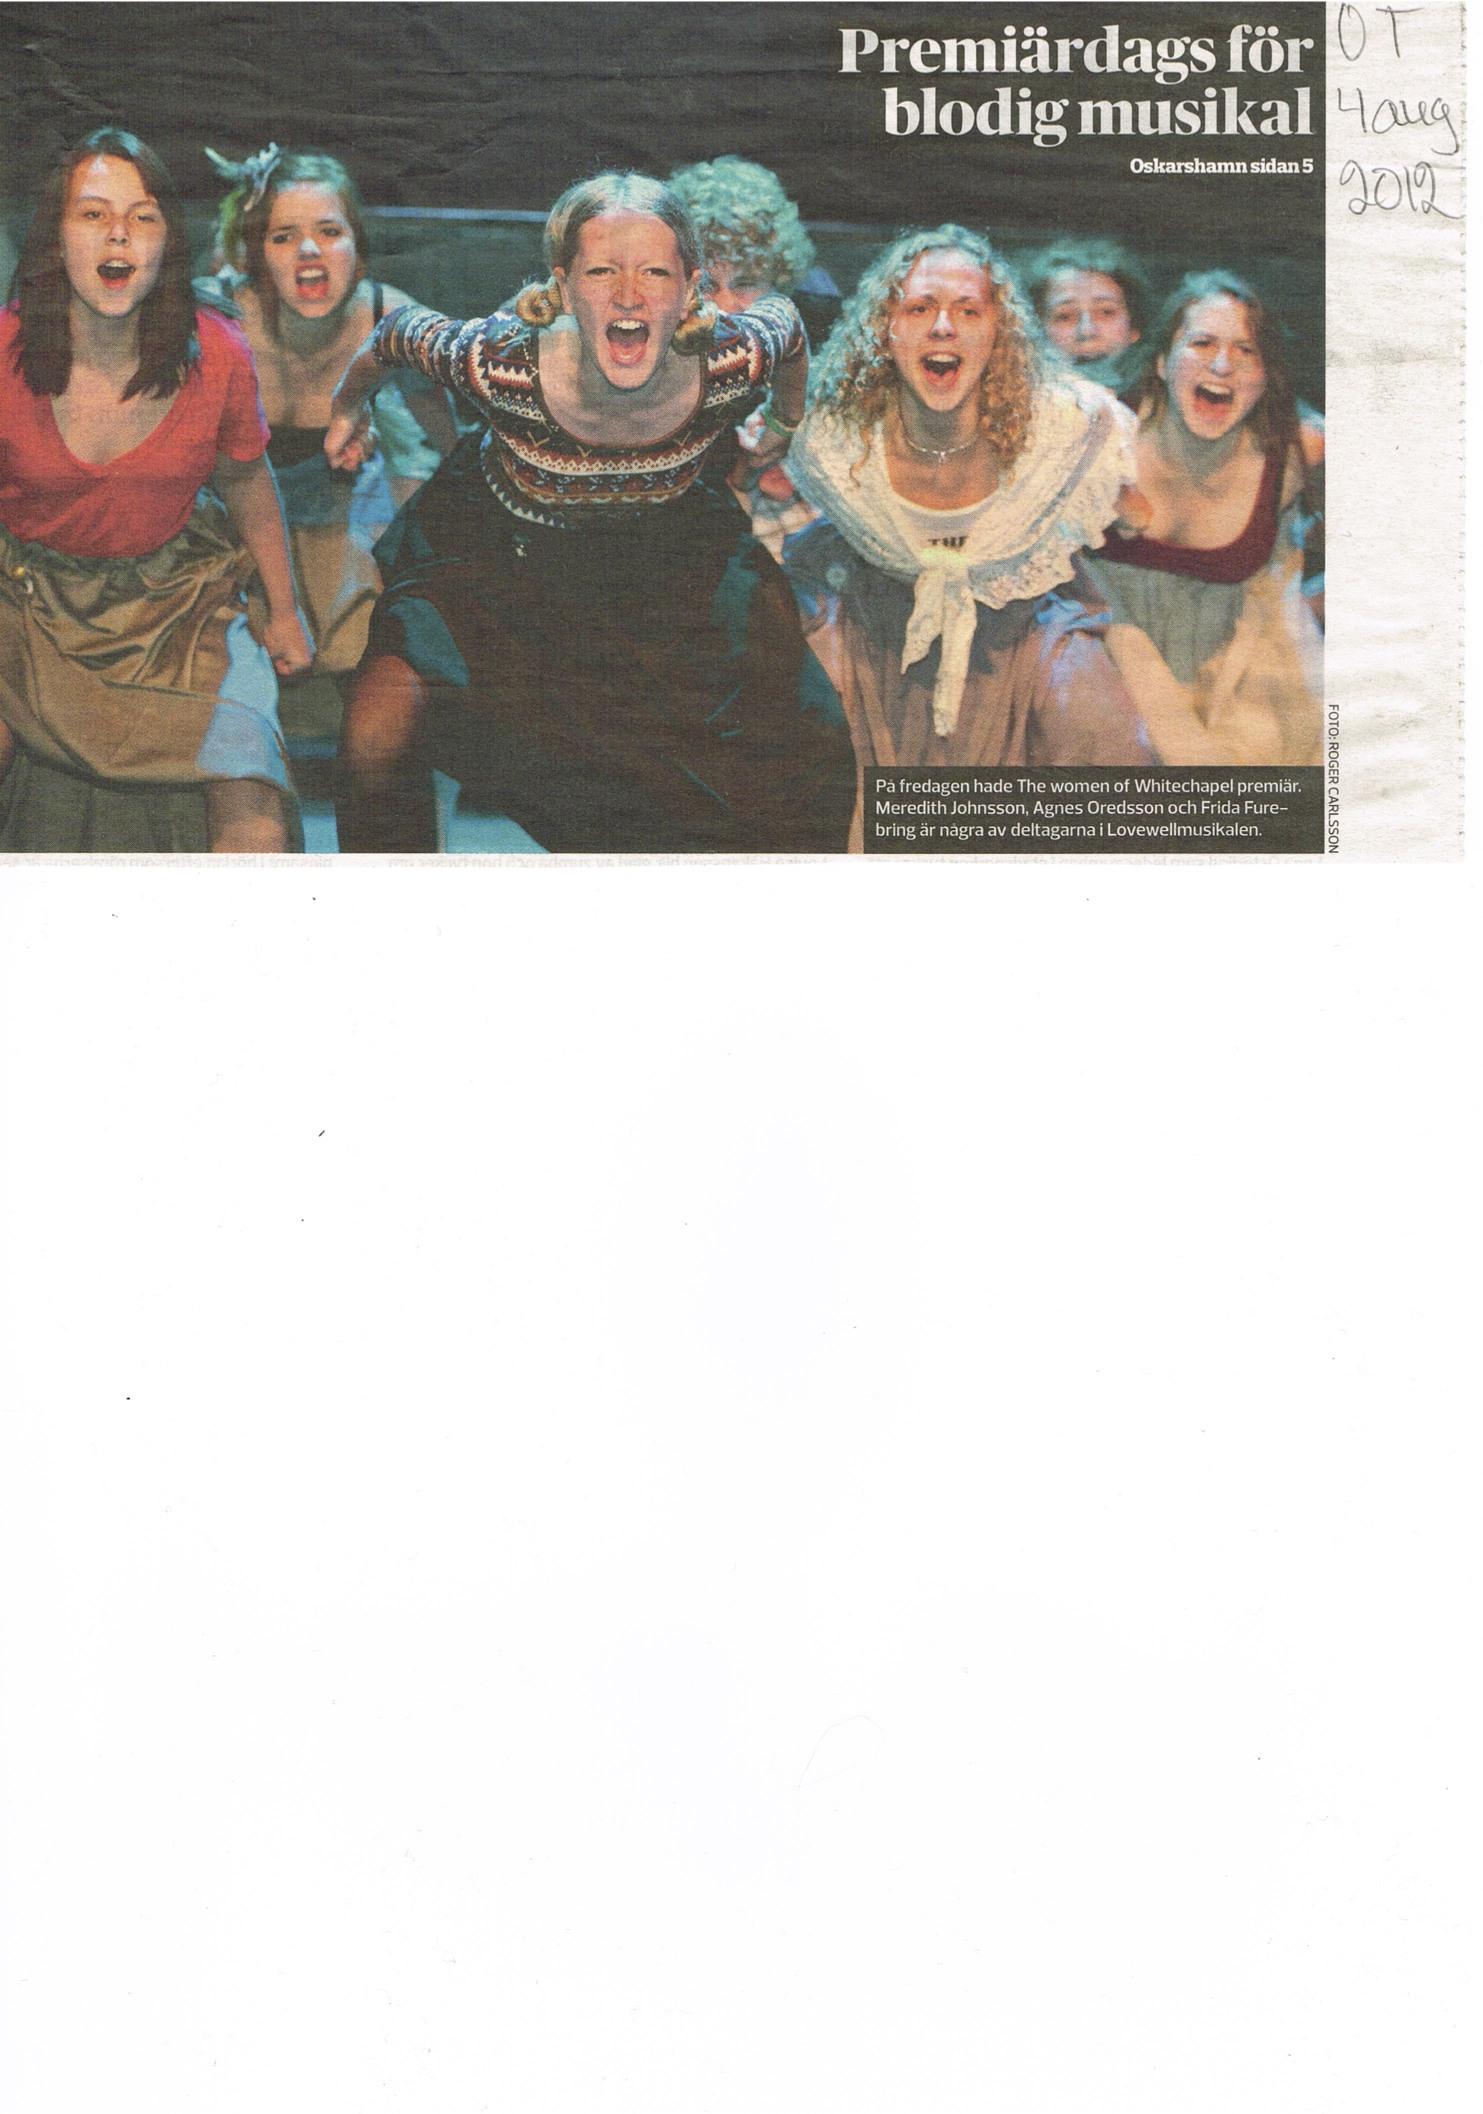 Oskarshamns-Tidningen August 4th, 2012